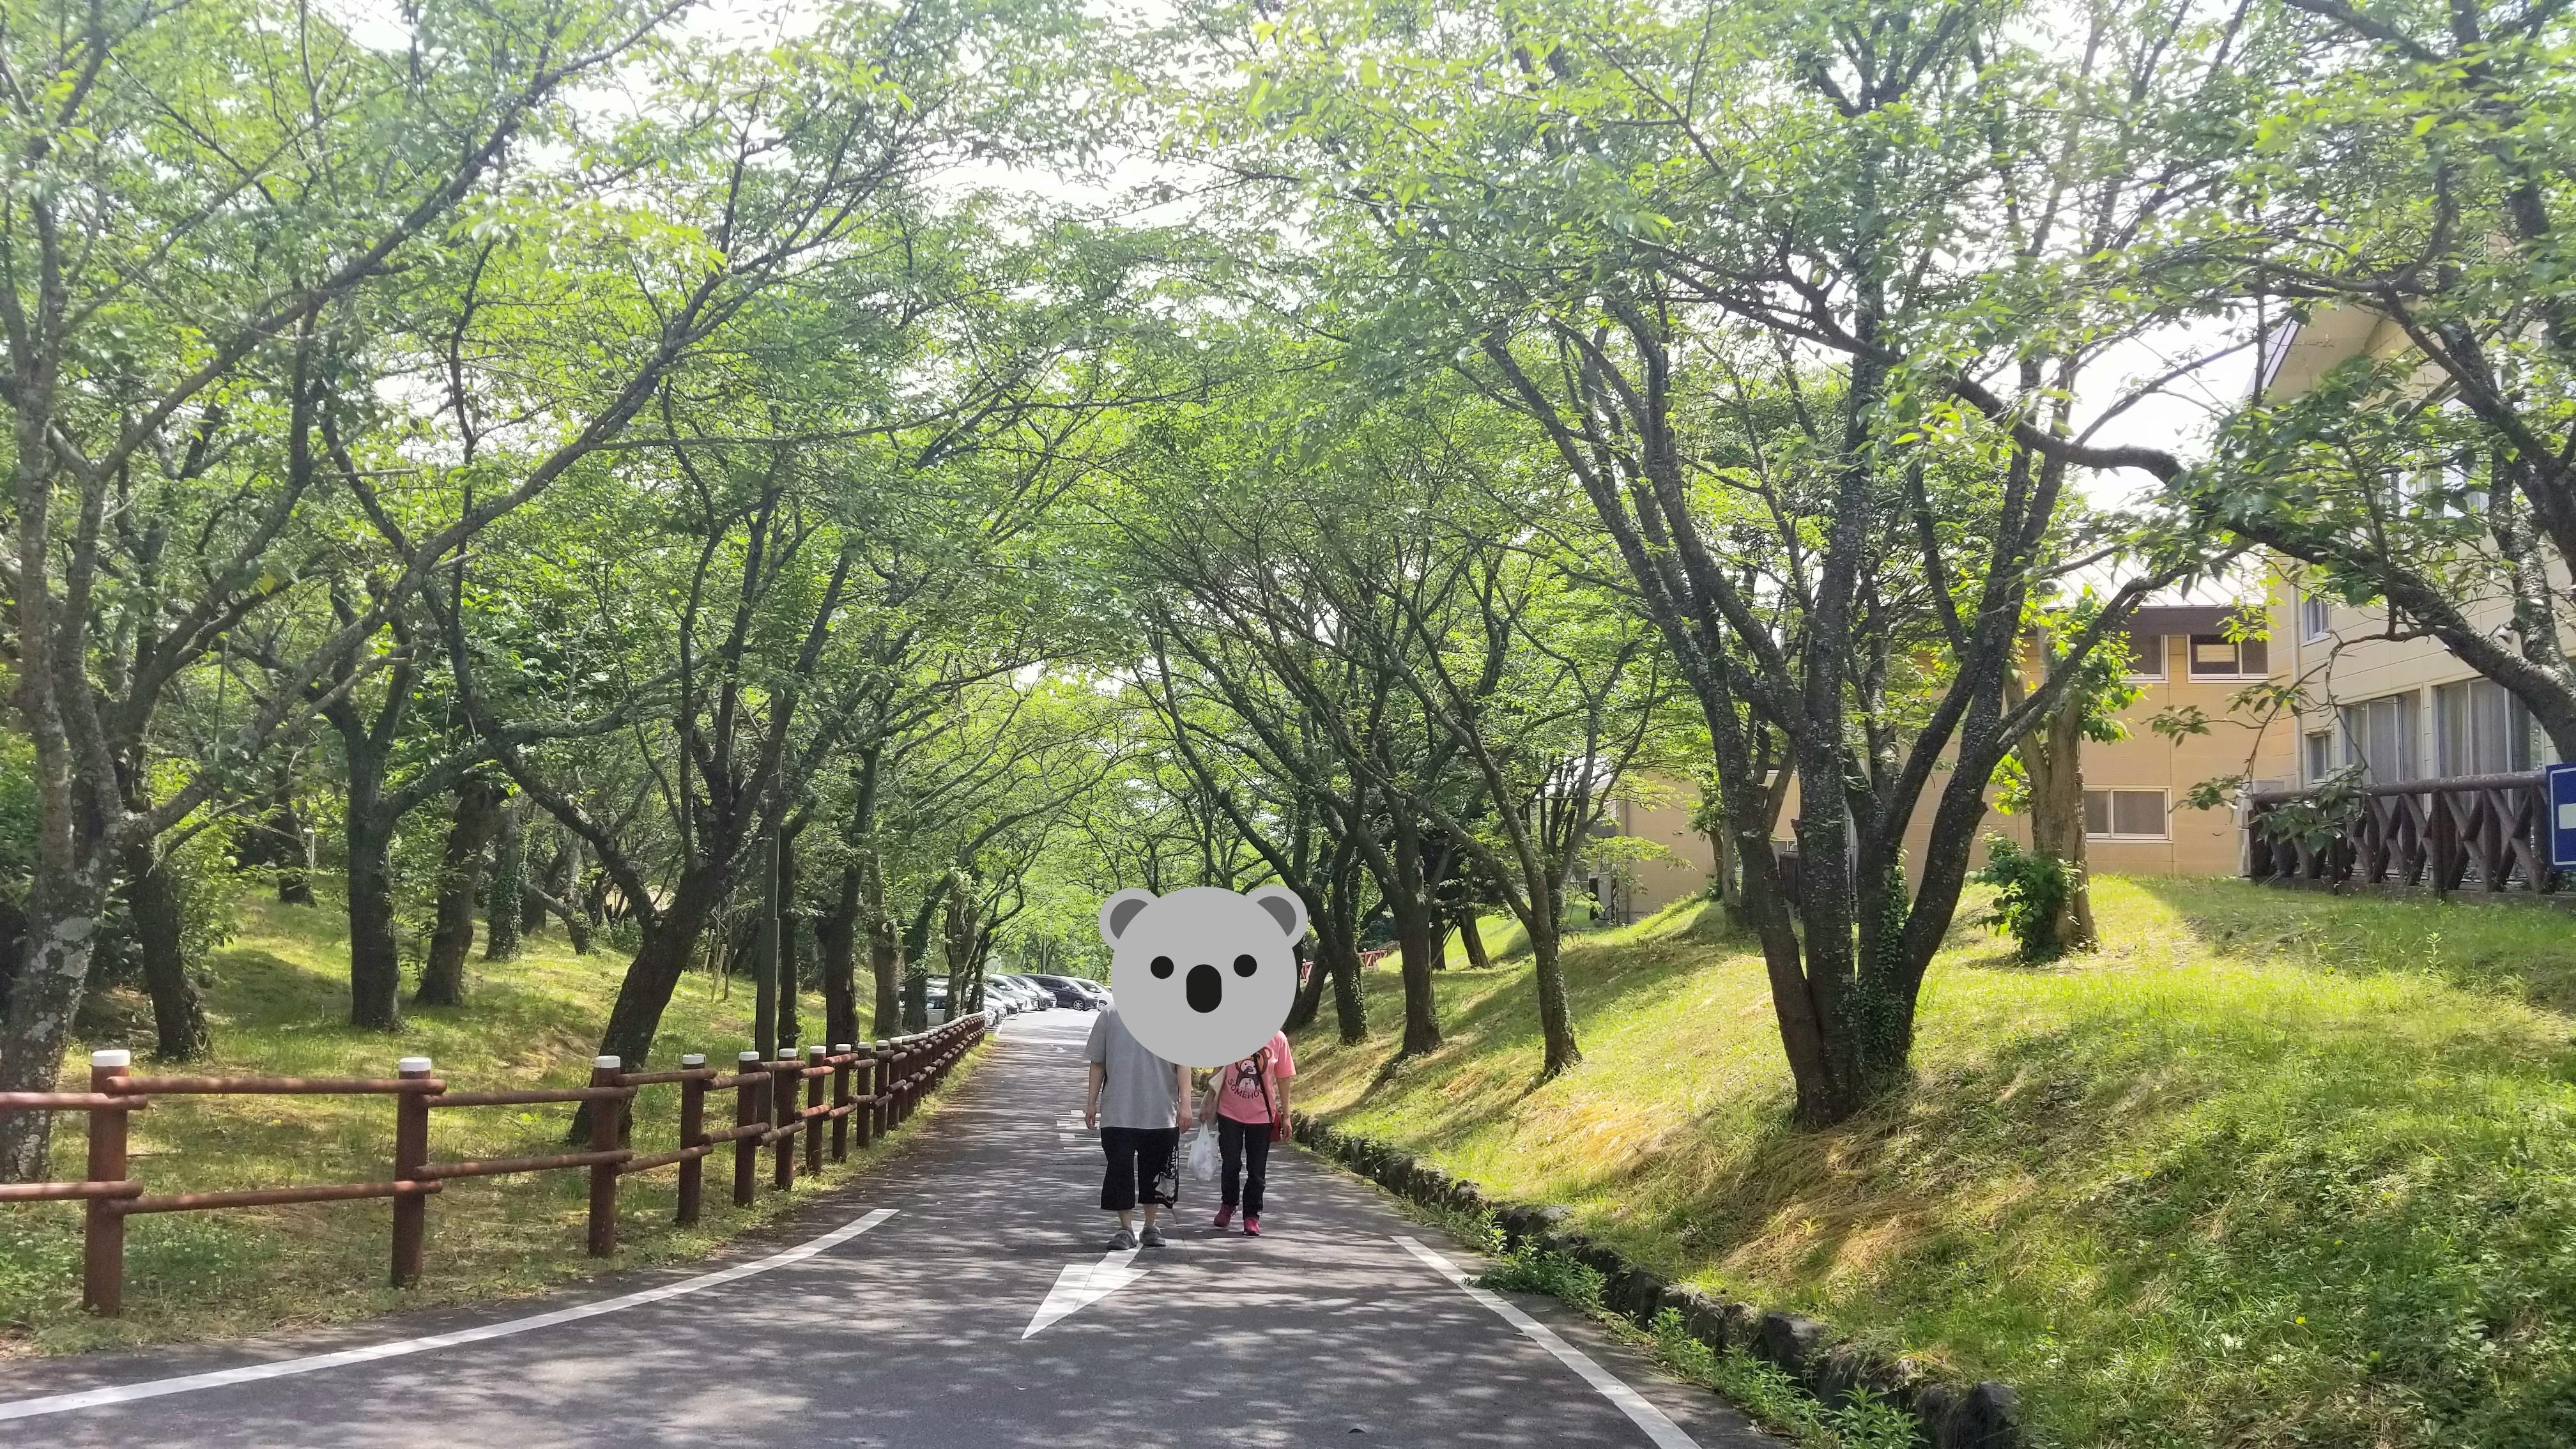 山散歩ウォーキング森林緑日光浴気持ちいい綺麗な風景景色おばいとこ